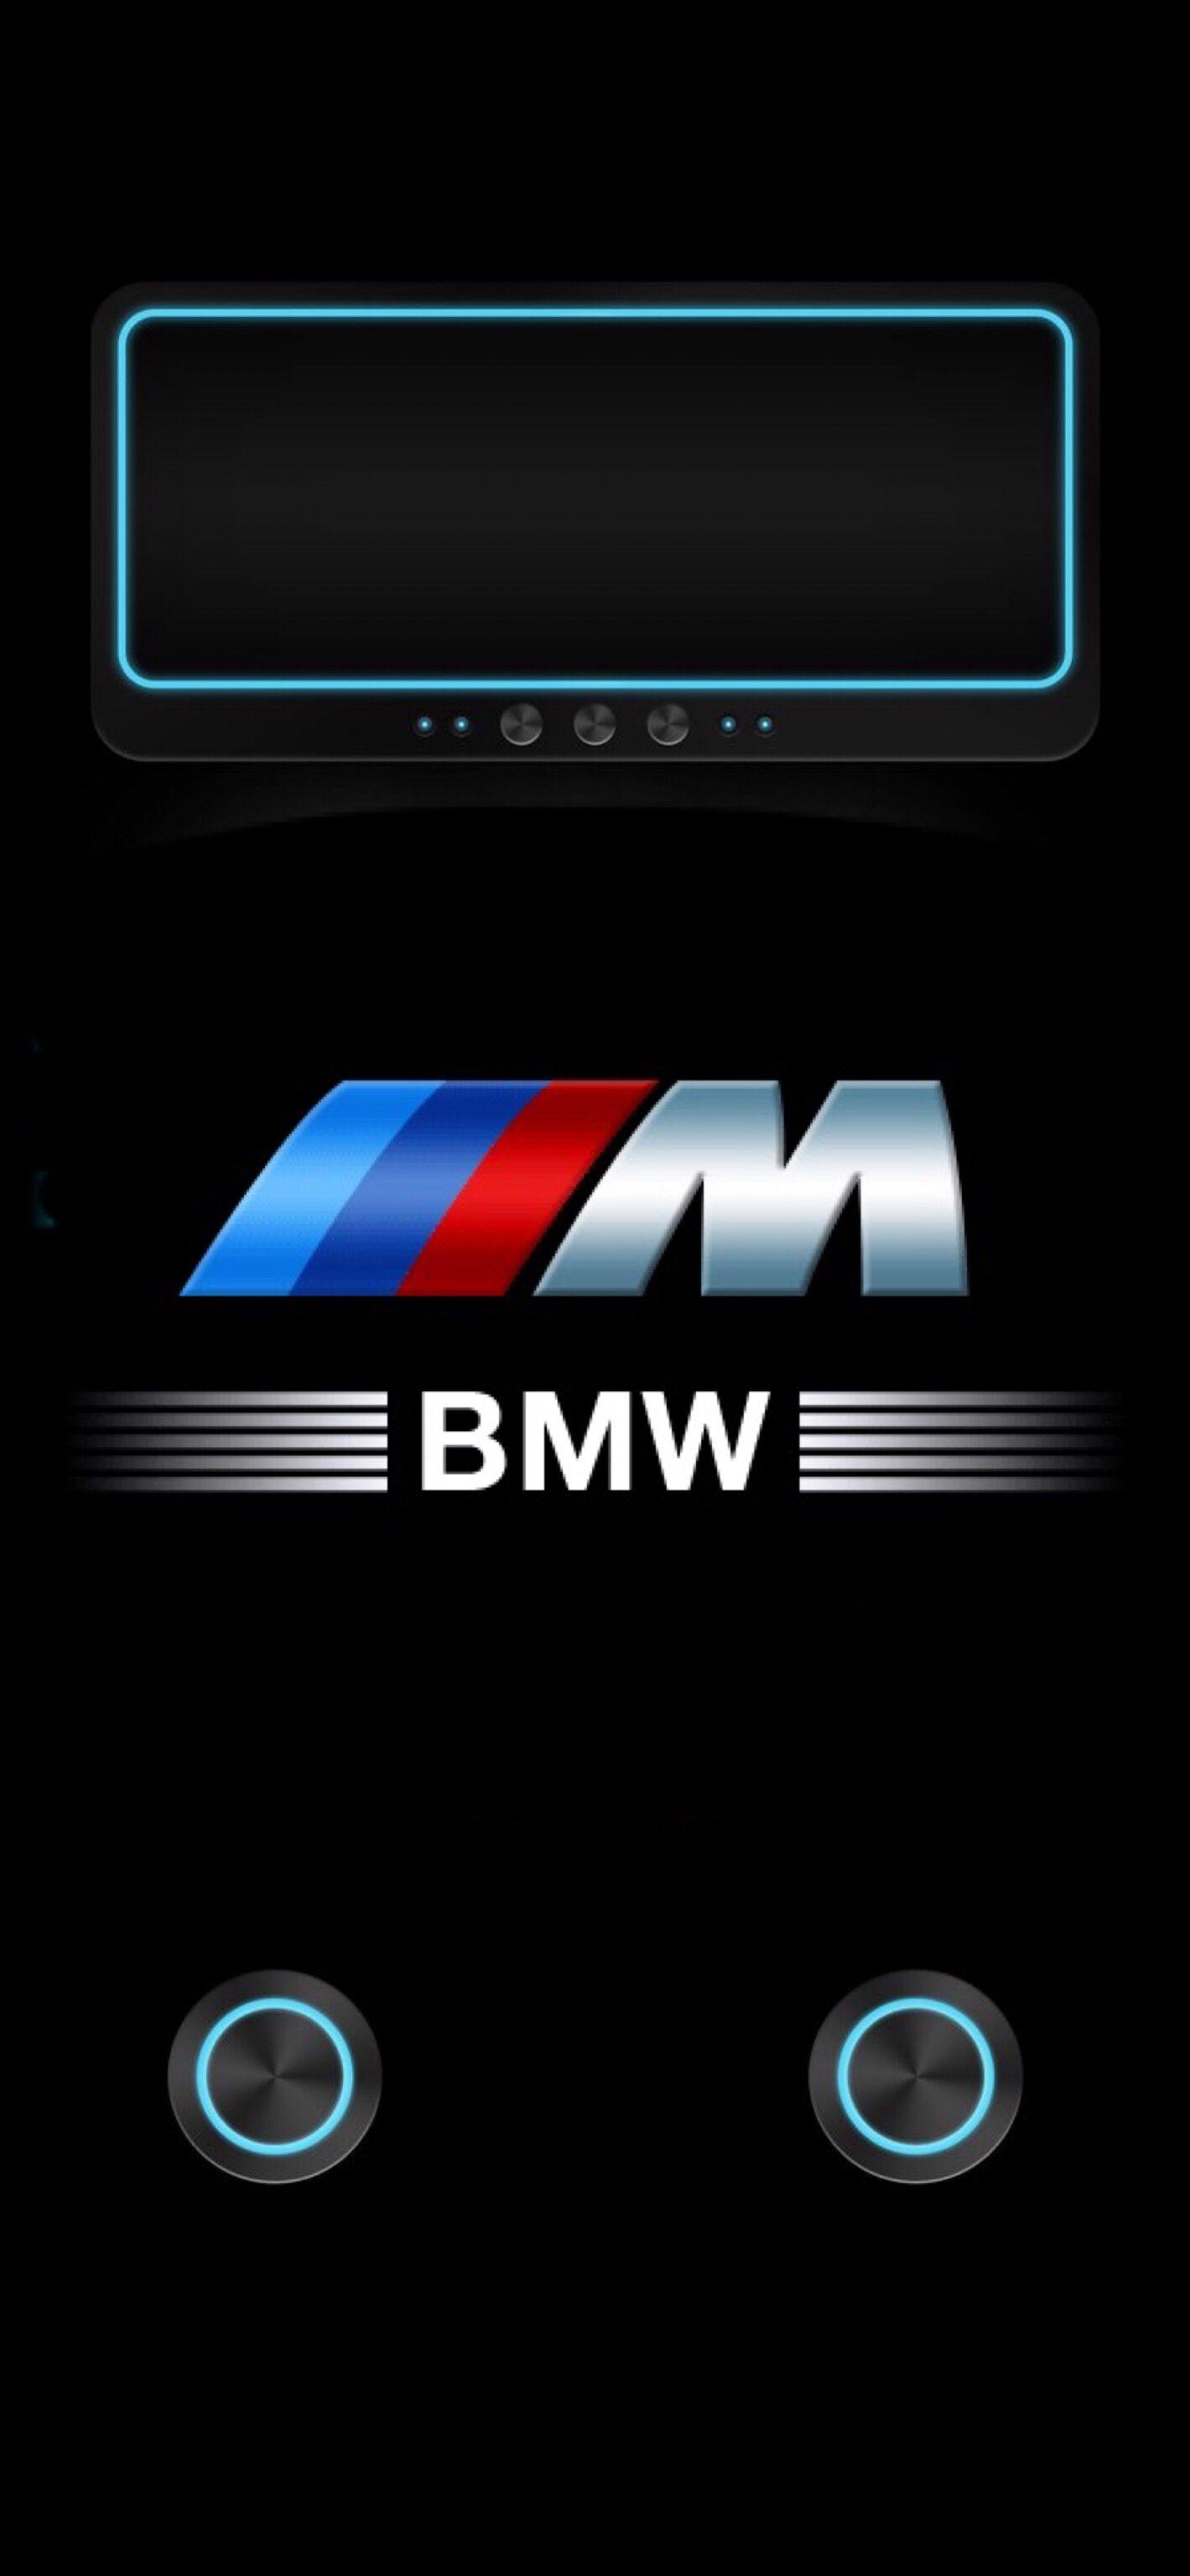 Wallpaper Iphone X Bmw M V2 Font Ecran